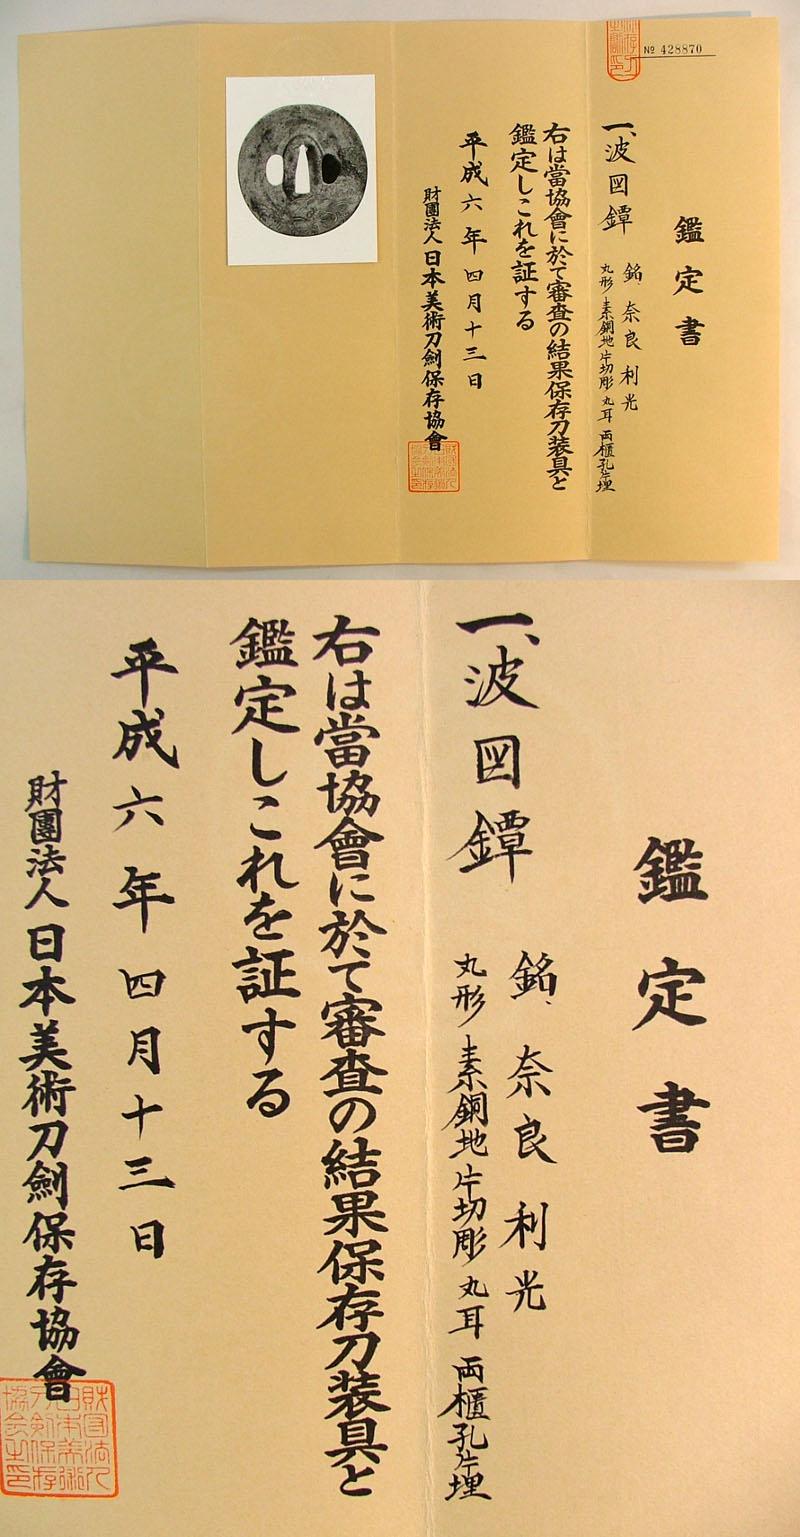 波図鍔 Nara 利光 Picture of Certificate